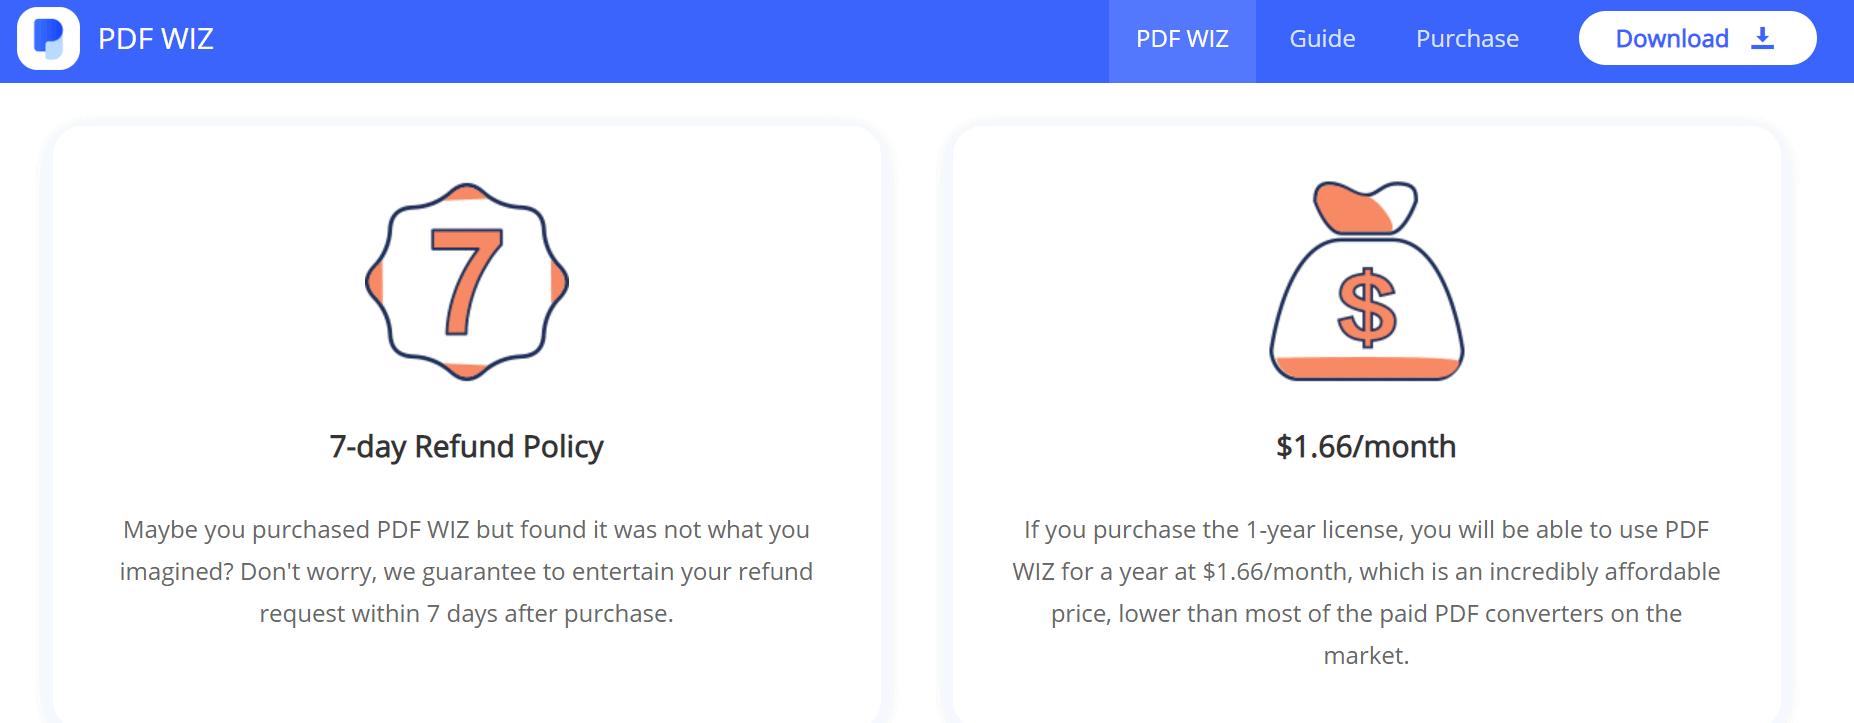 pdf wiz 7 day refund